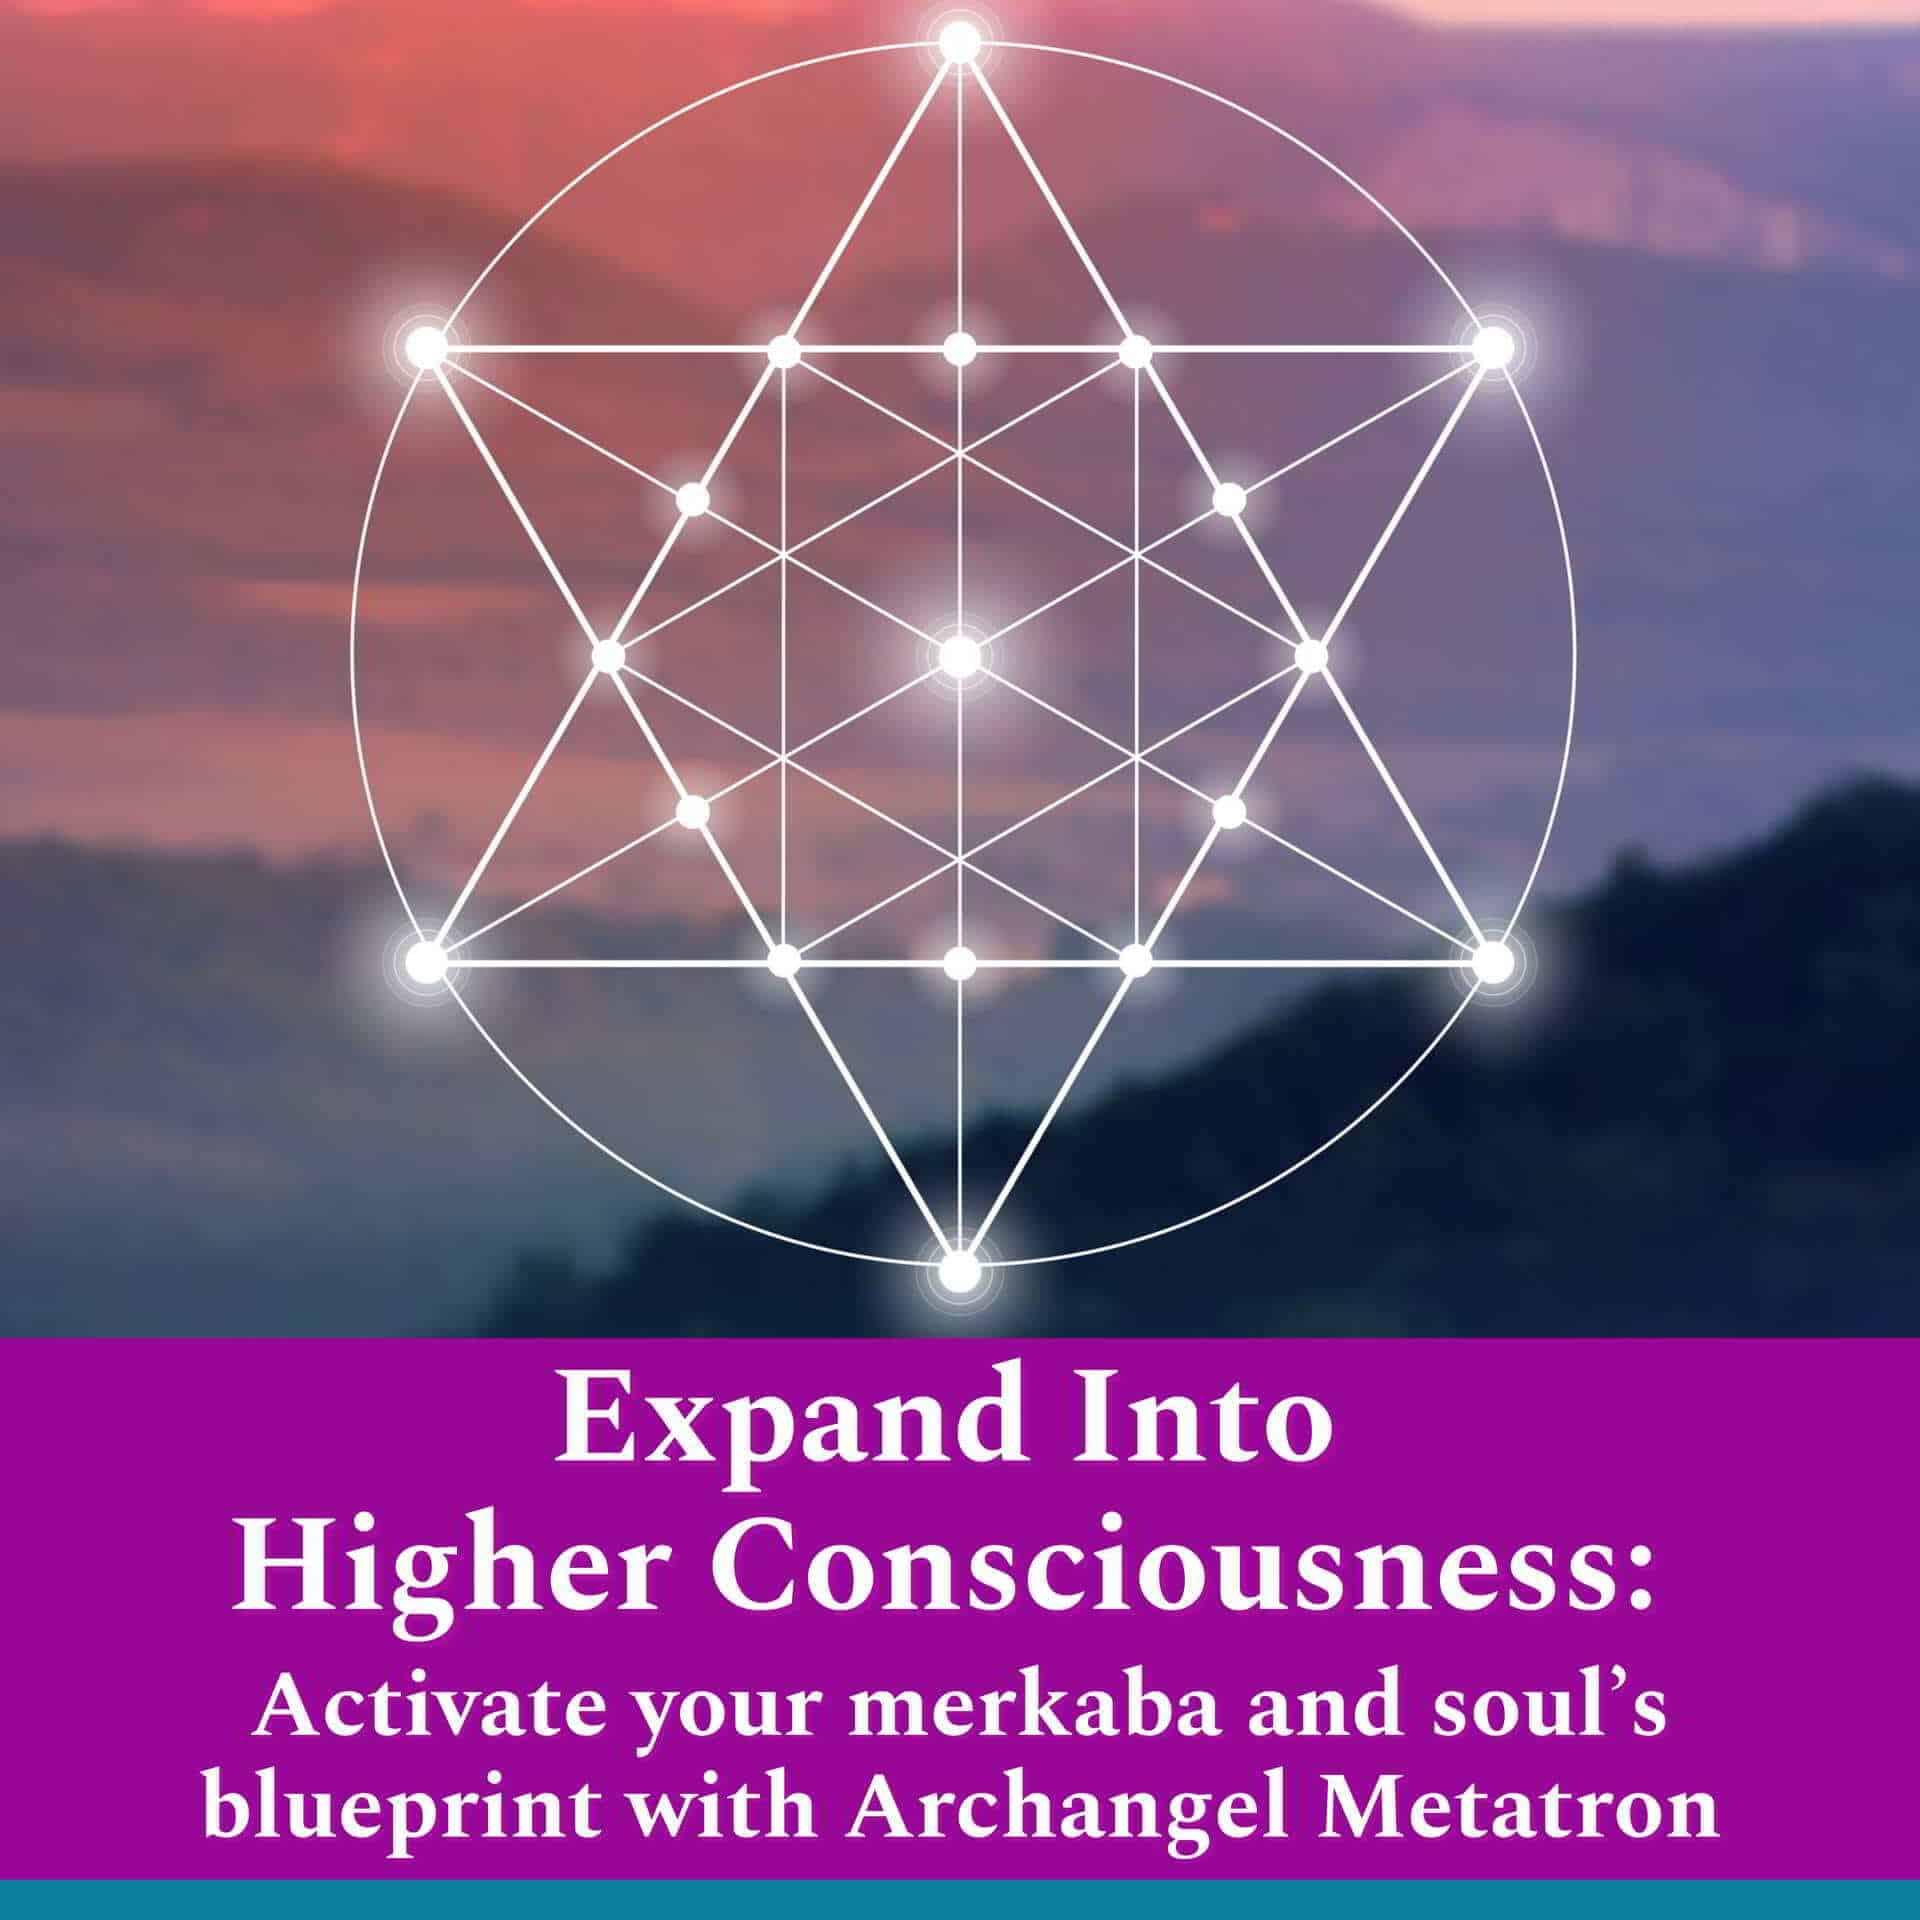 Expand Into Higher Consciousness